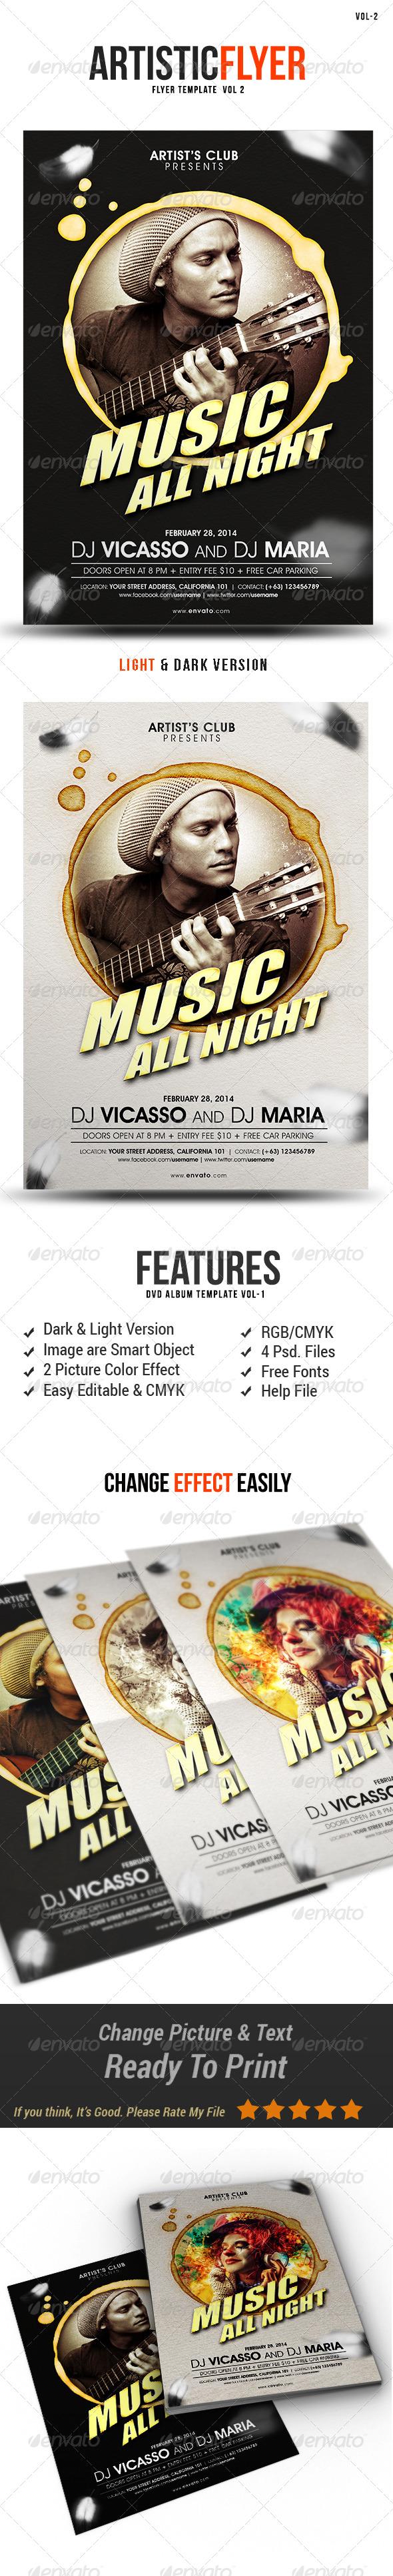 GraphicRiver Artistic Flyer Vol-2 8020440